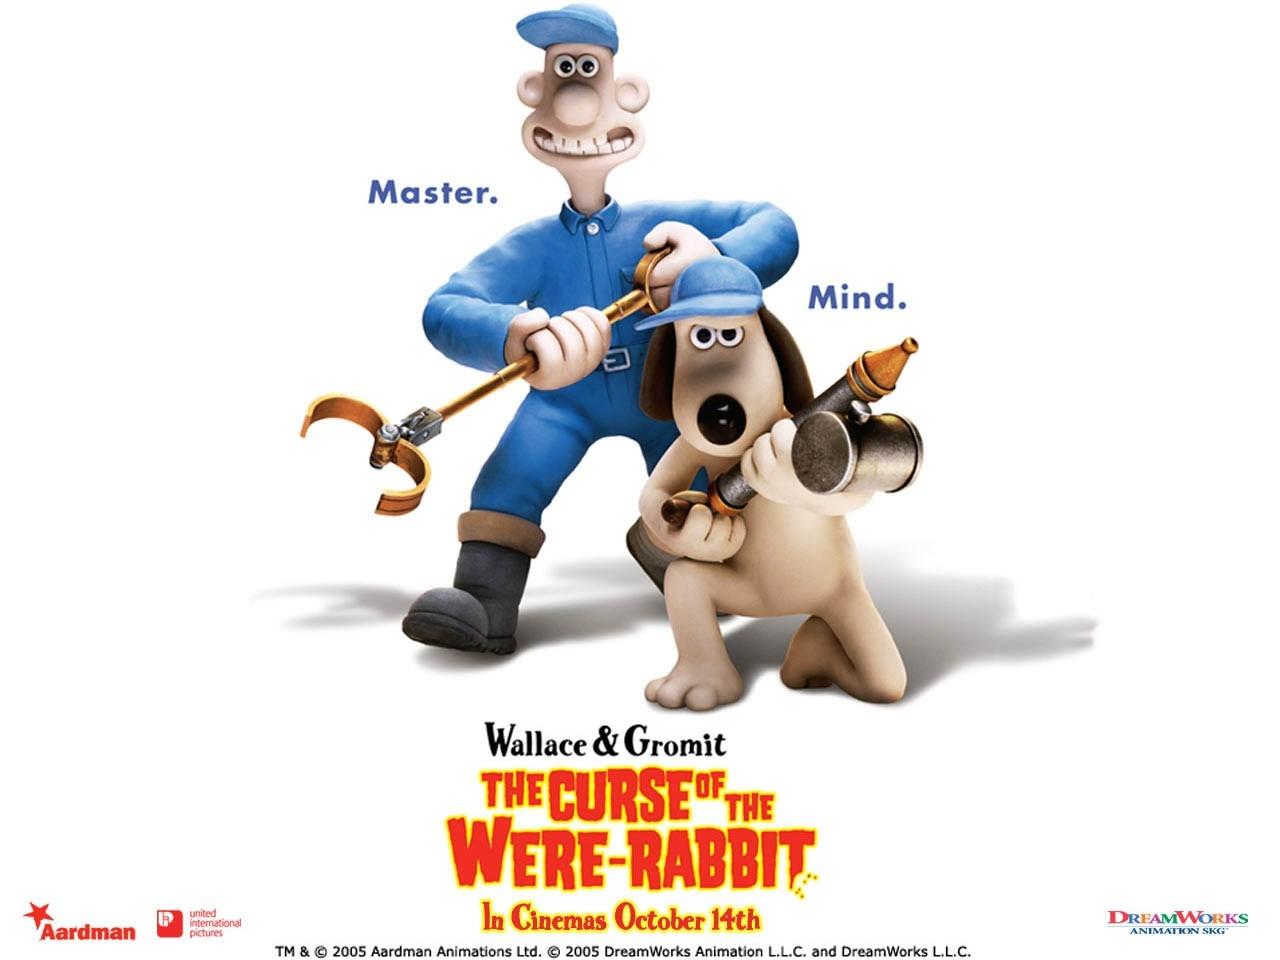 un Wallpaper del film Wallace & Gromit - La maledizione del coniglio mannaro